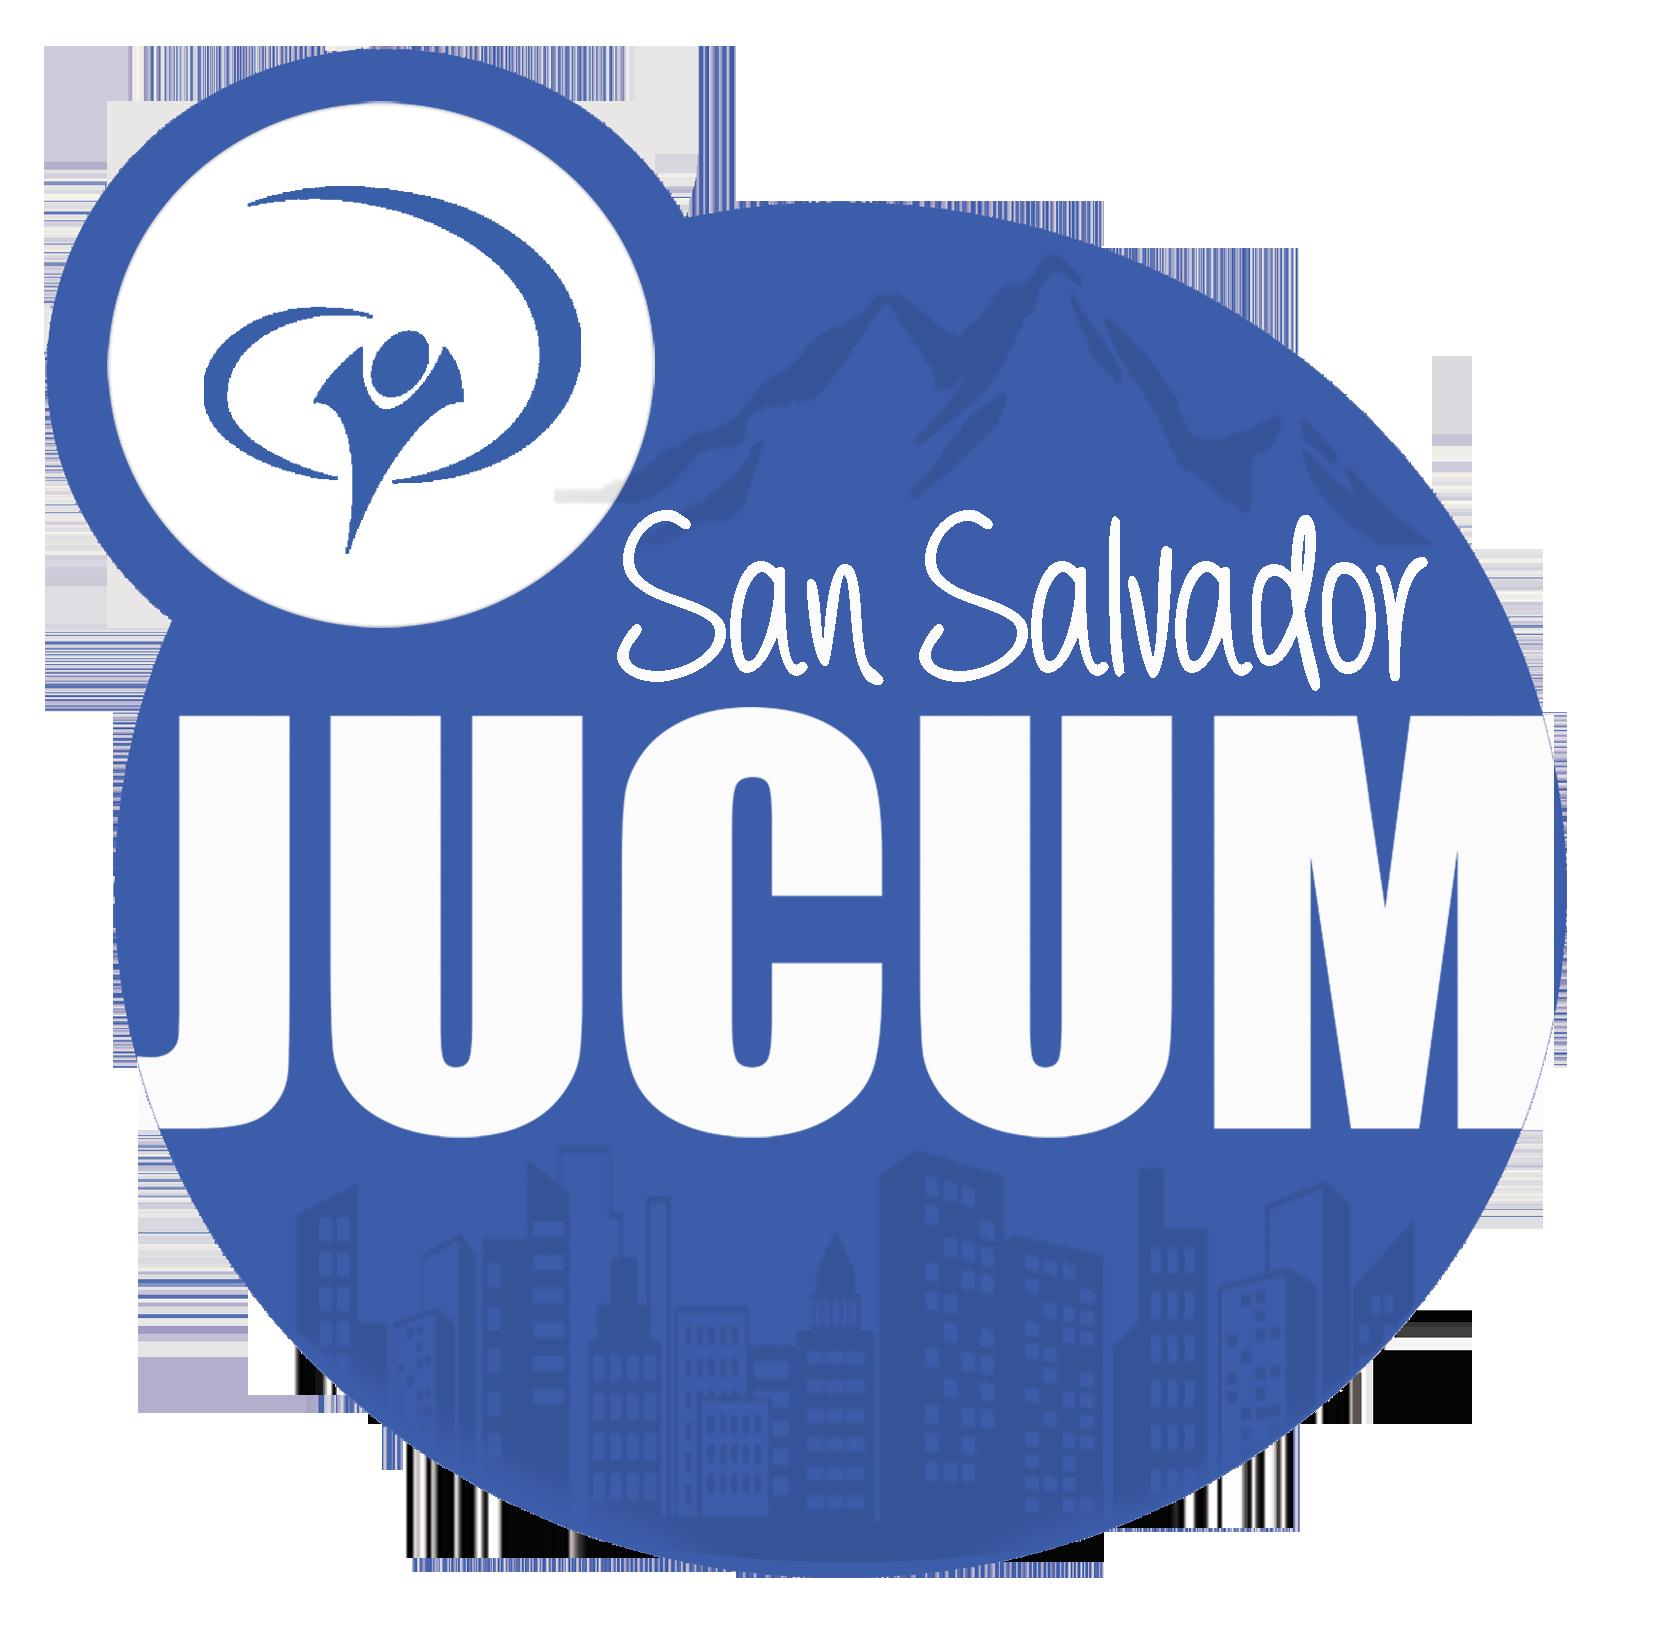 JUCUM SAN SALVADOR